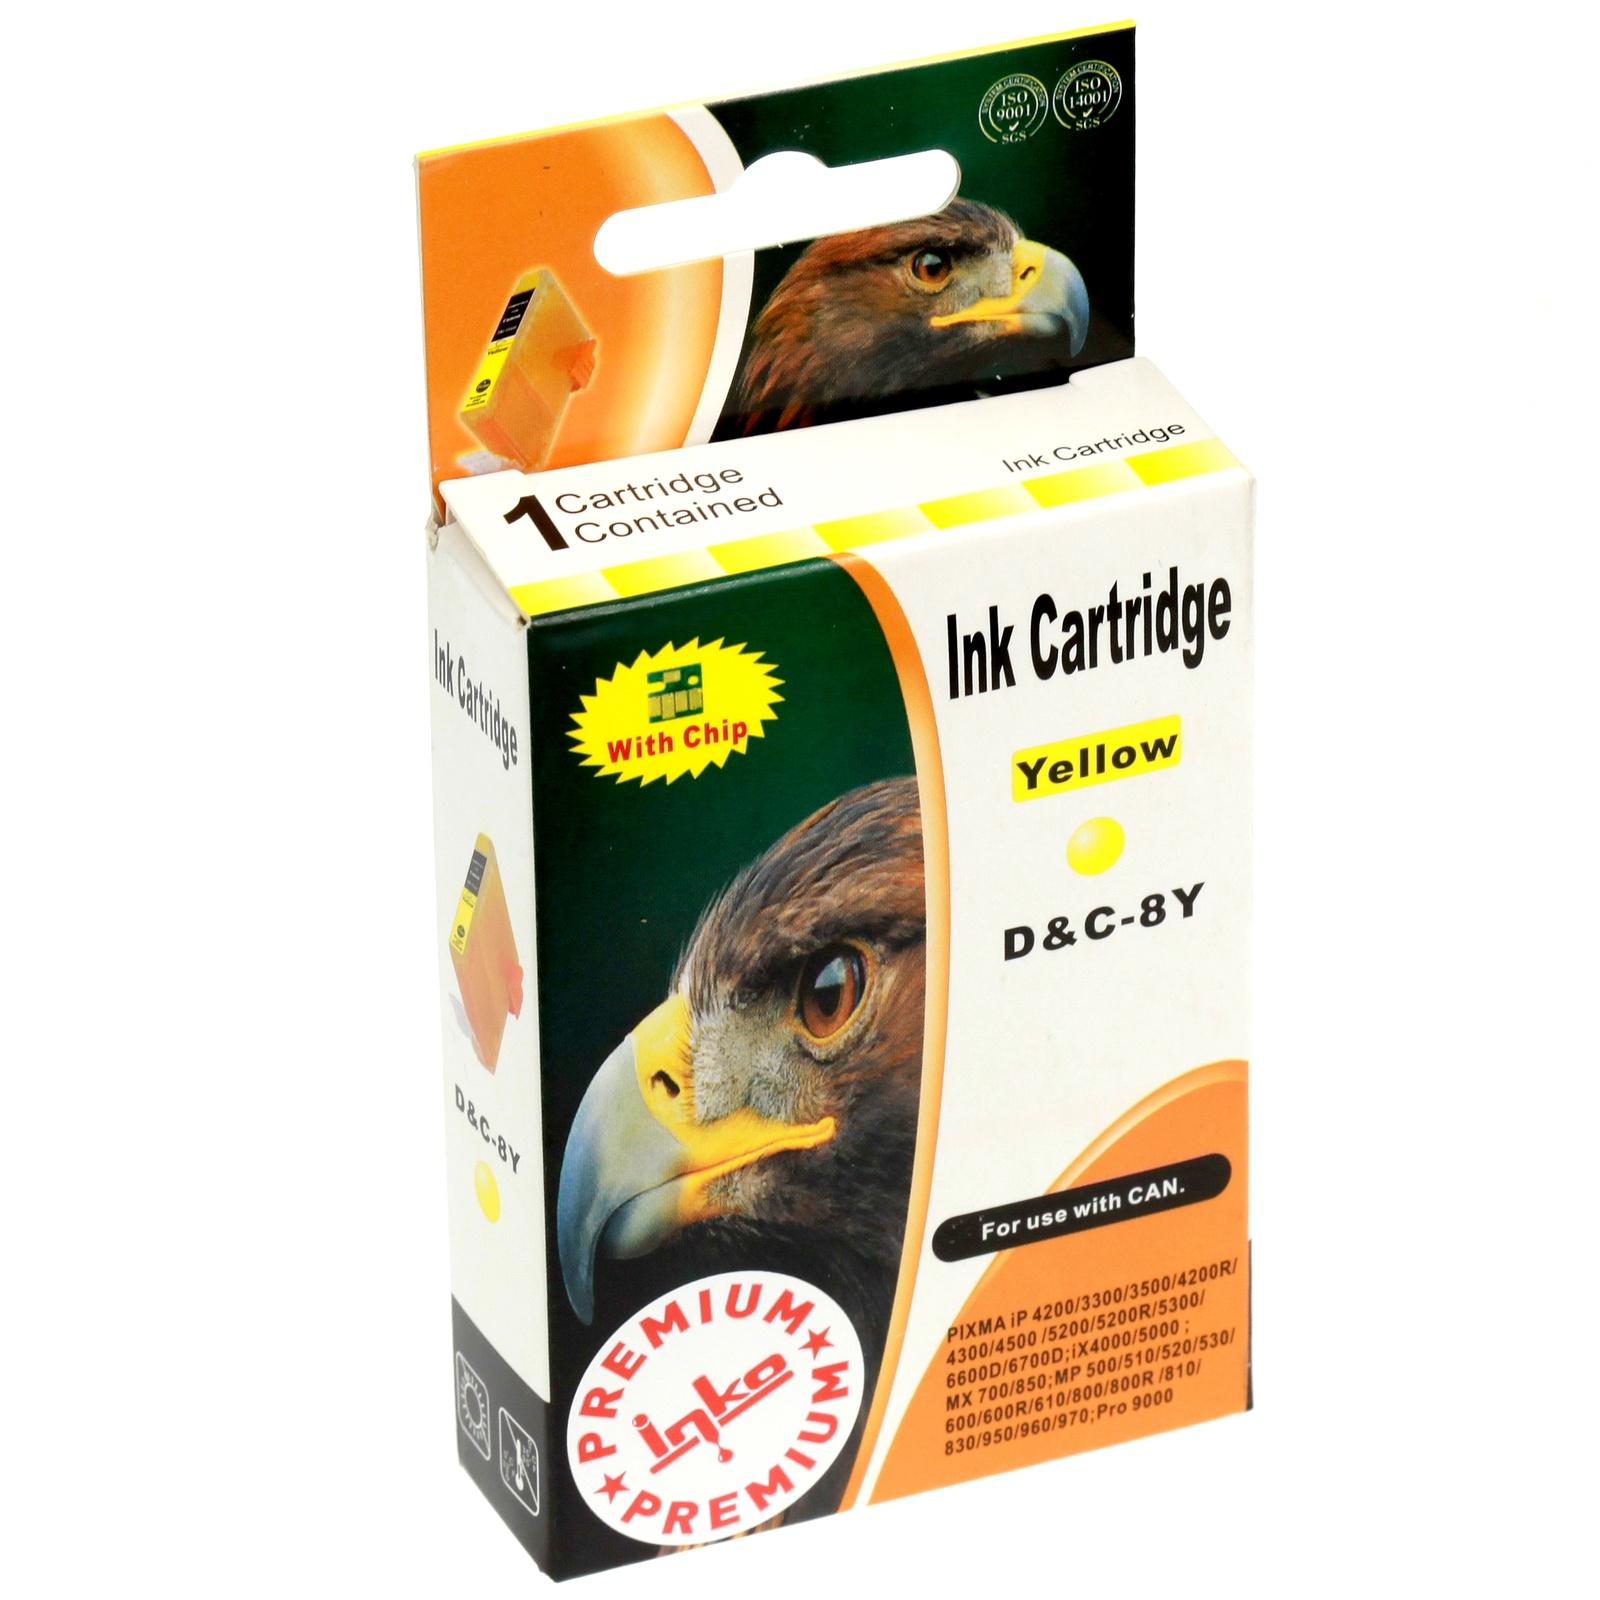 Картридж Inko для CLI-8Y Желтый картридж canon cli 8y 0623b024 для canon ip6600d 4200 5200 5200r желтый